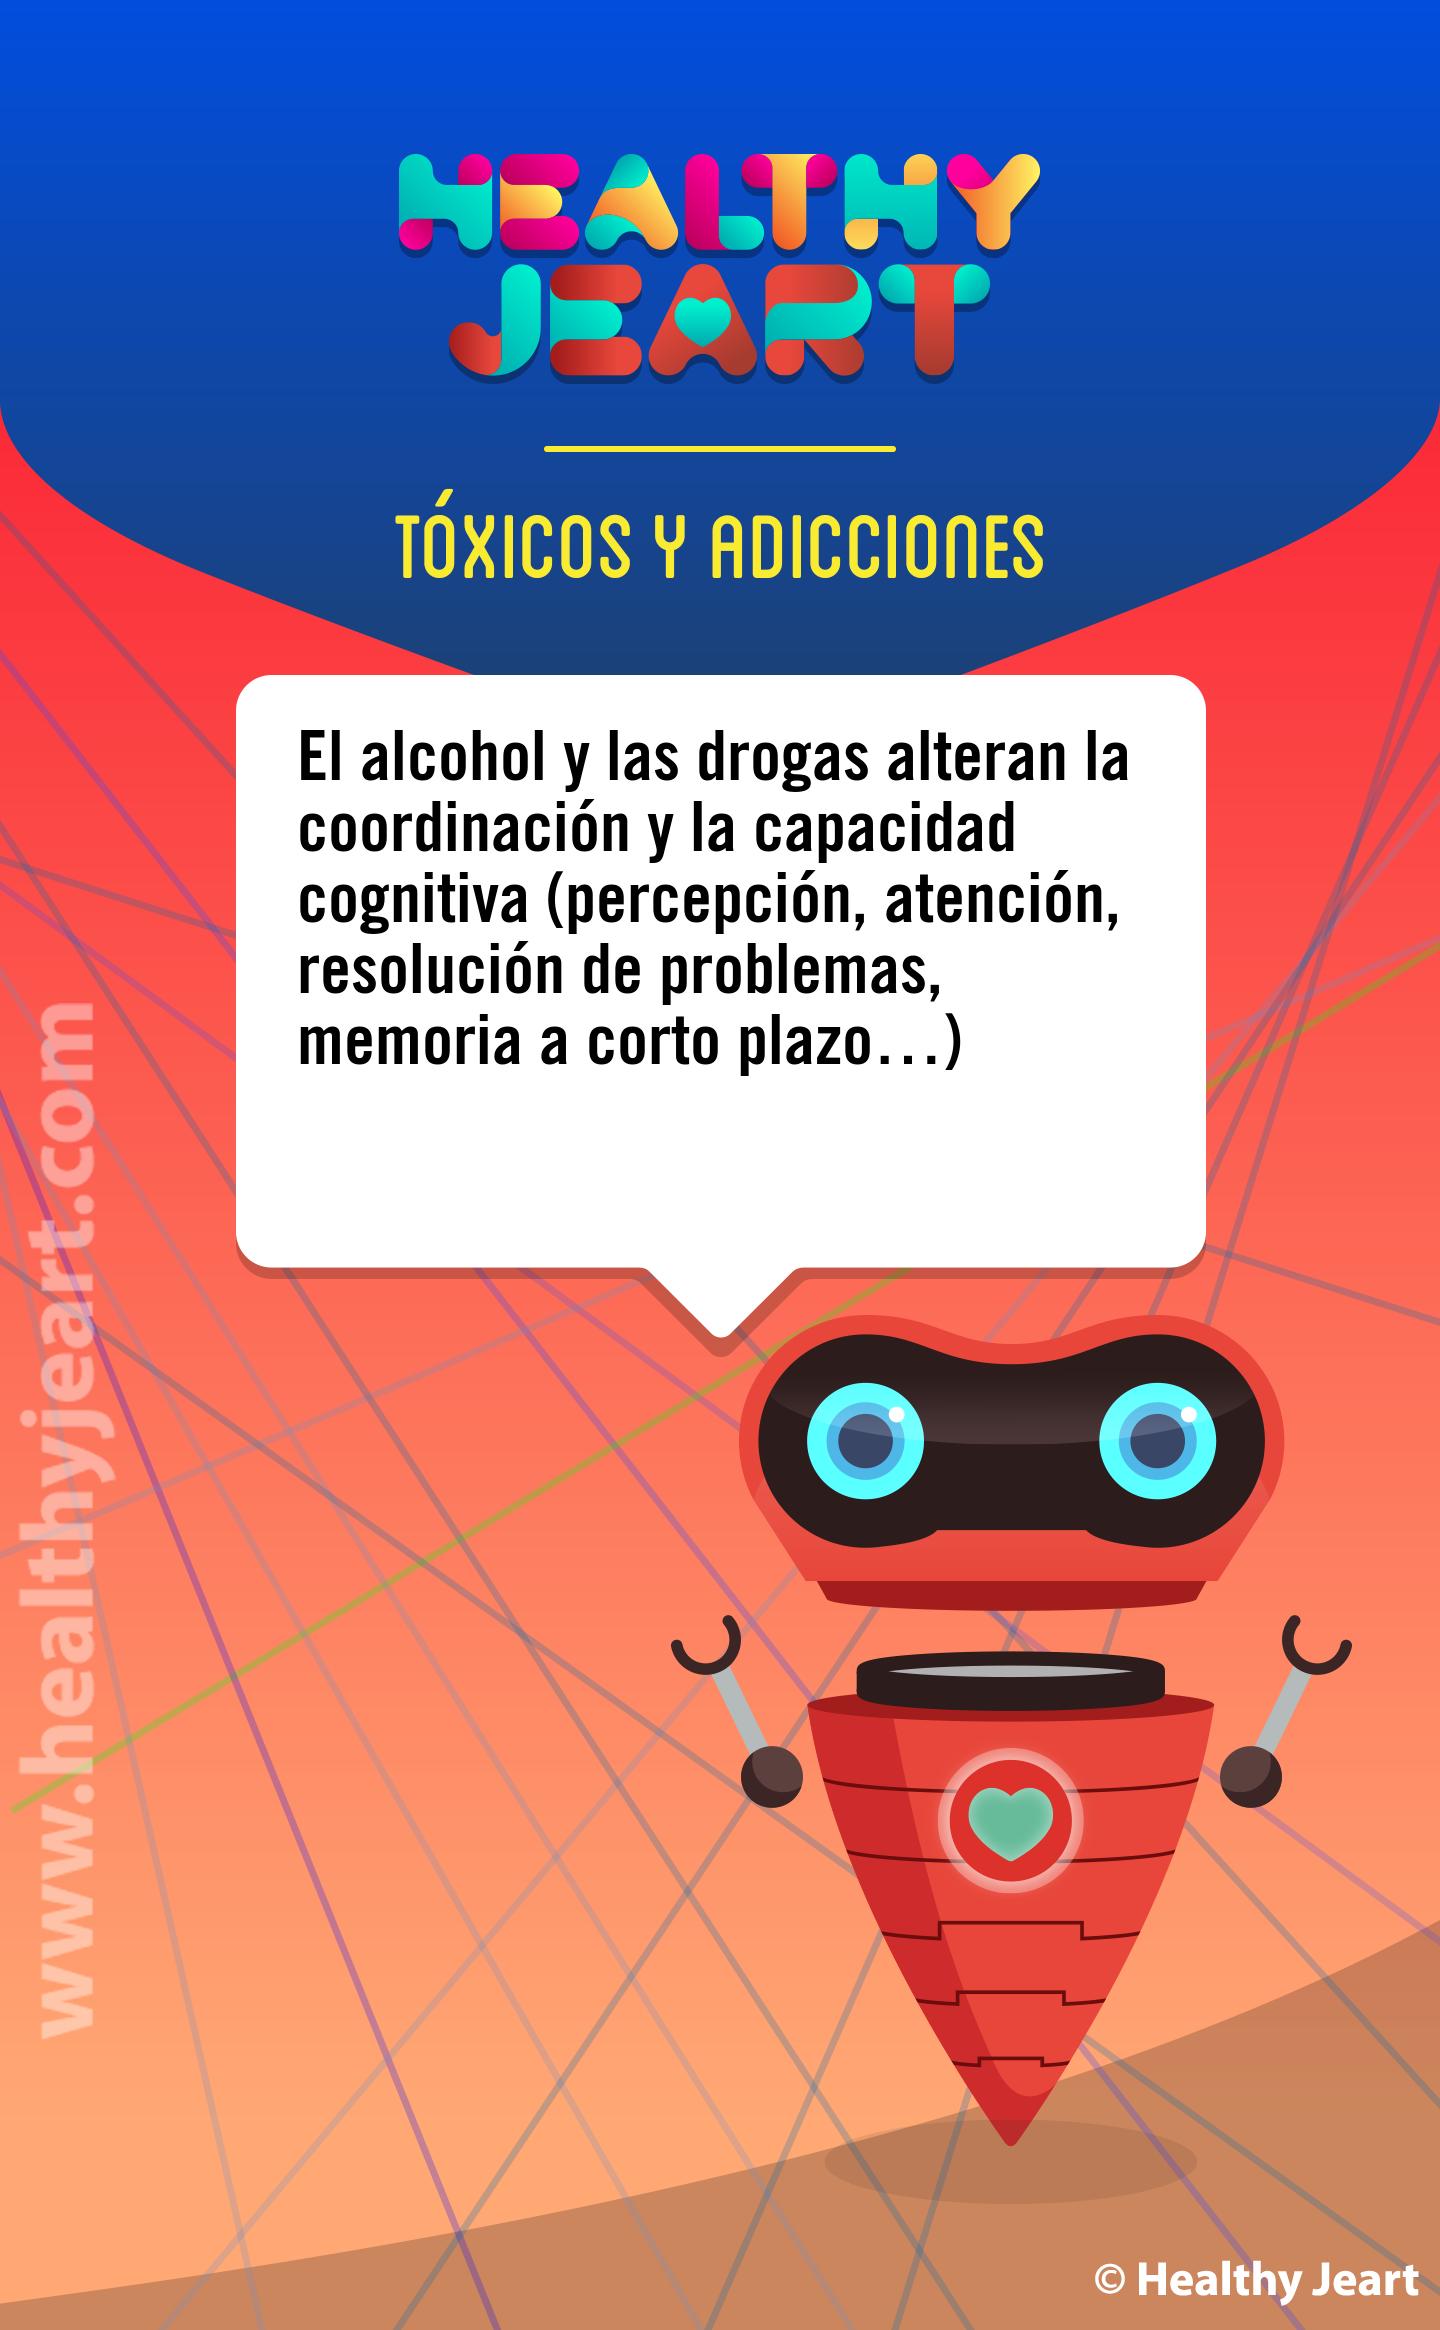 El alcohol y las drogas alteran la coordinación y la capacidad cognitiva (percepción, atención, resolución de problemas, memoria a corto plazo...9